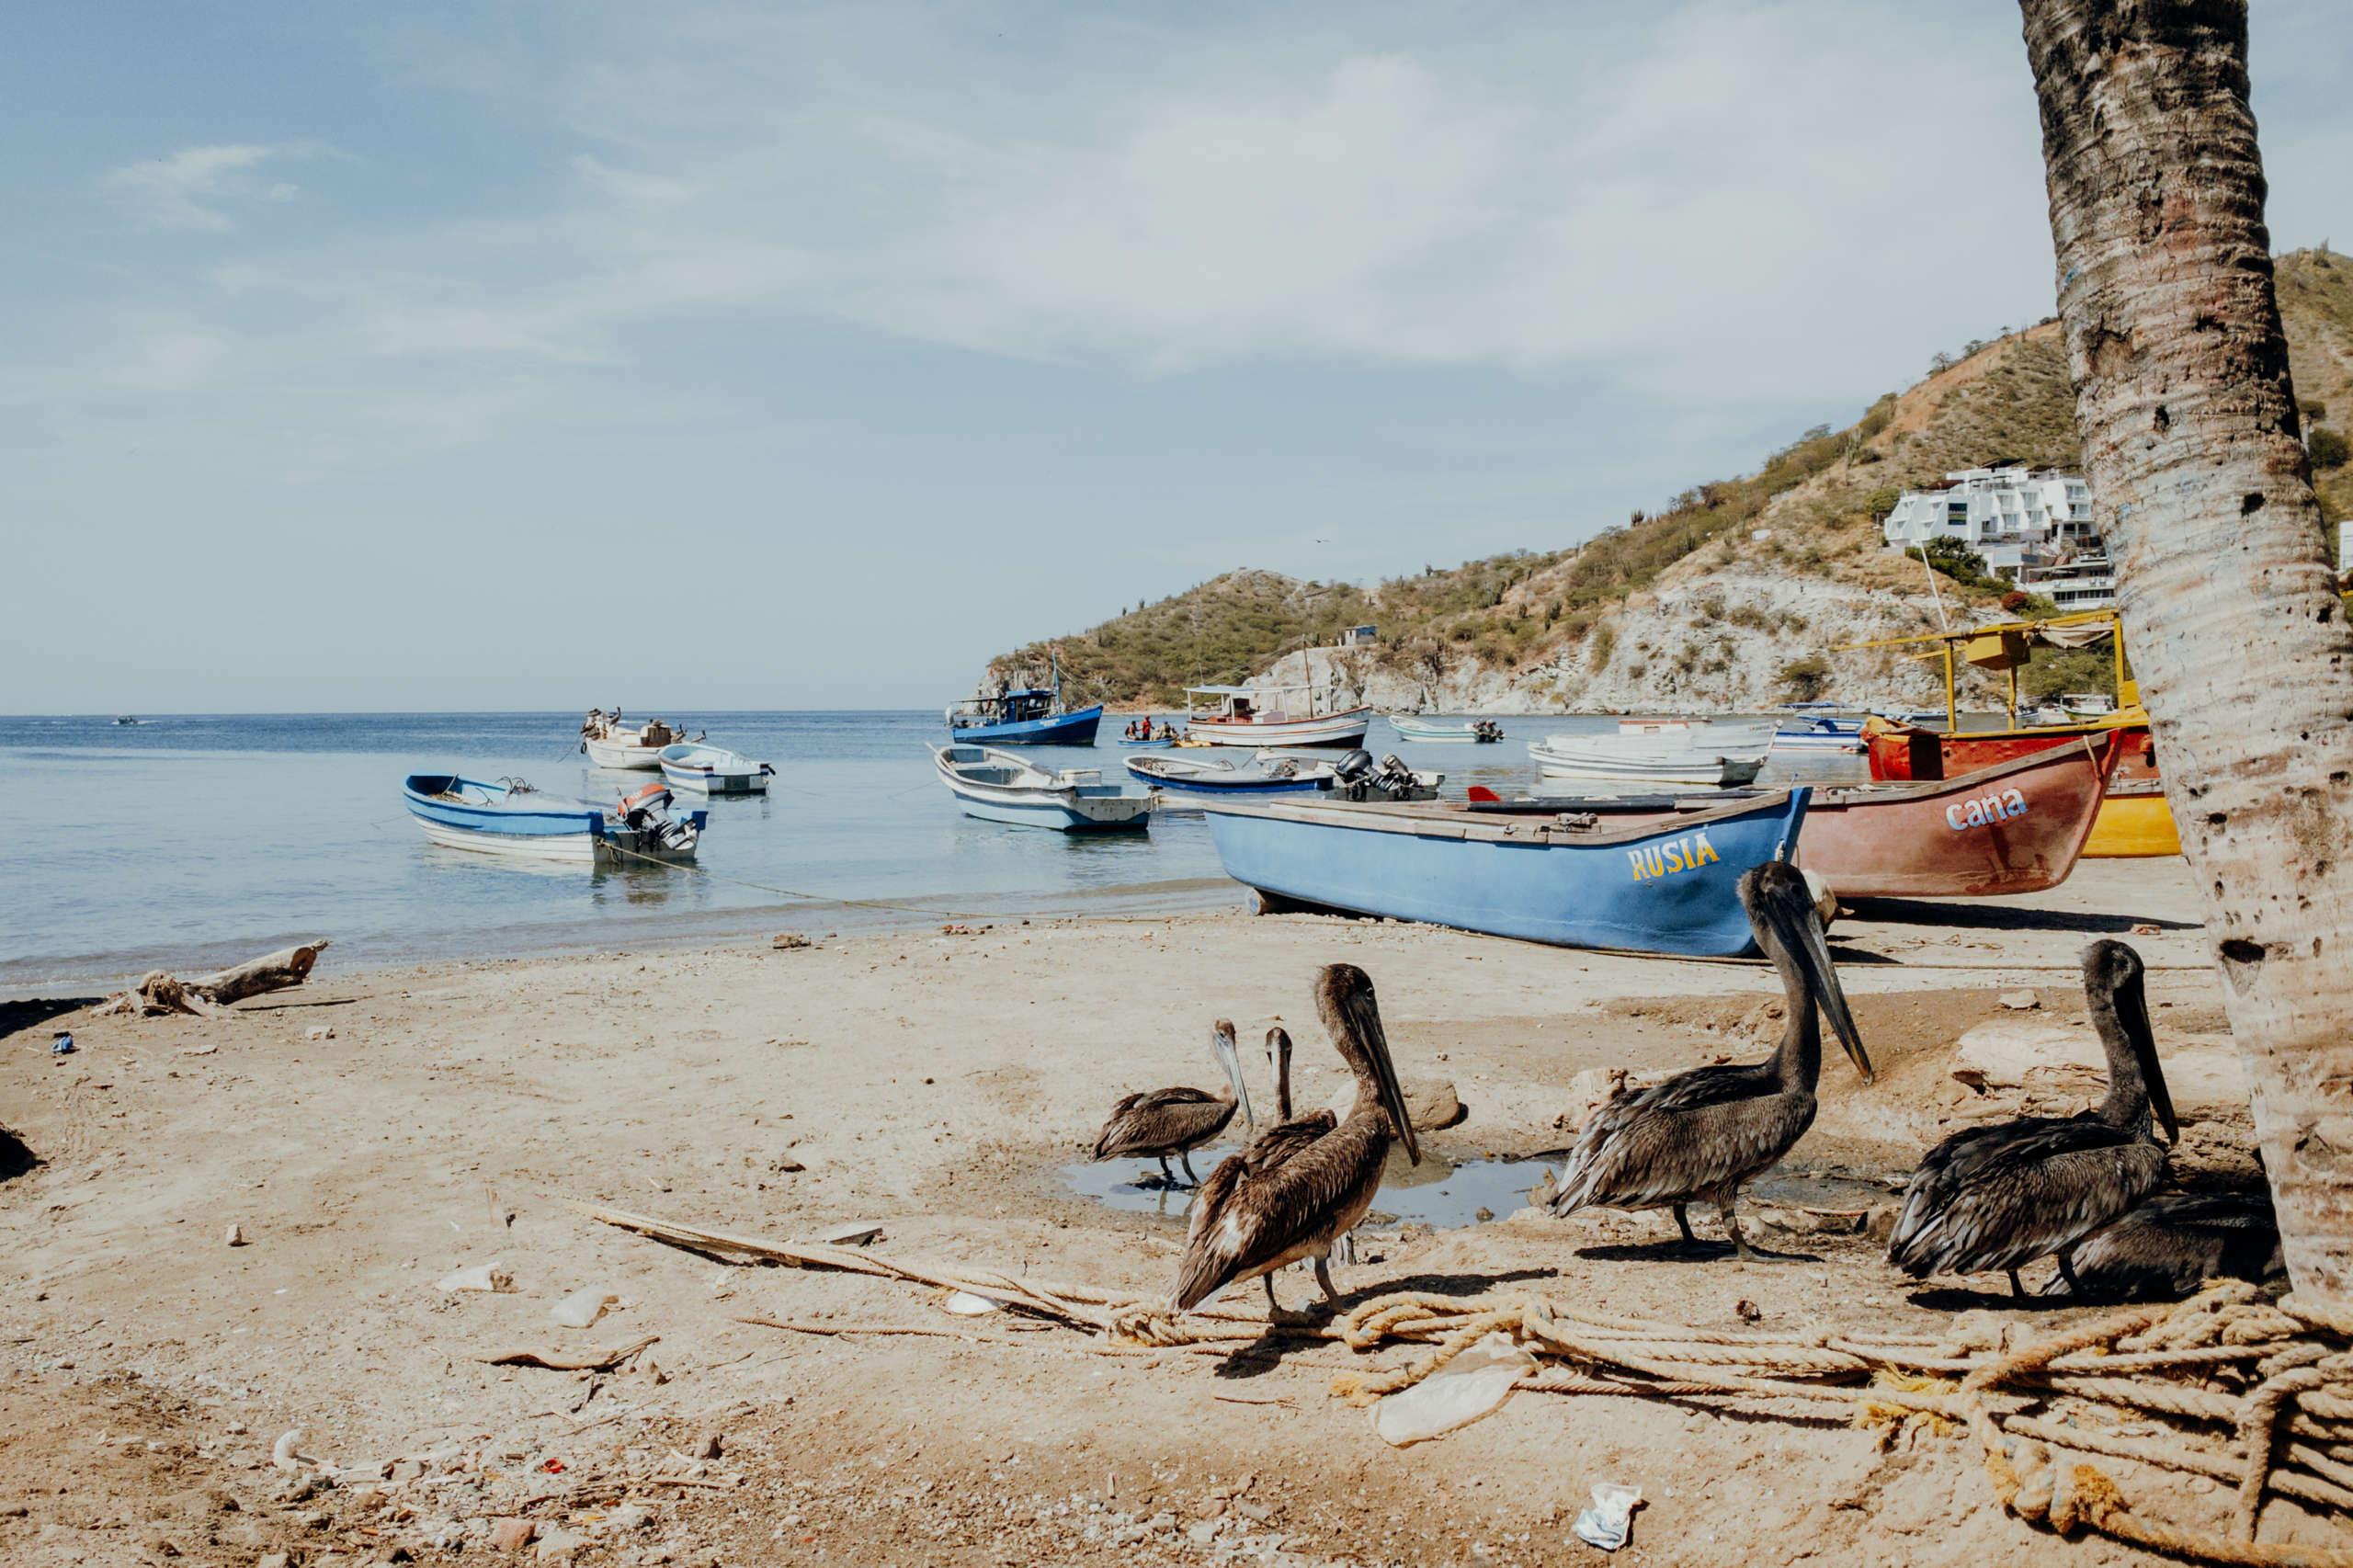 Pelikane die am Strand entlang laufen.